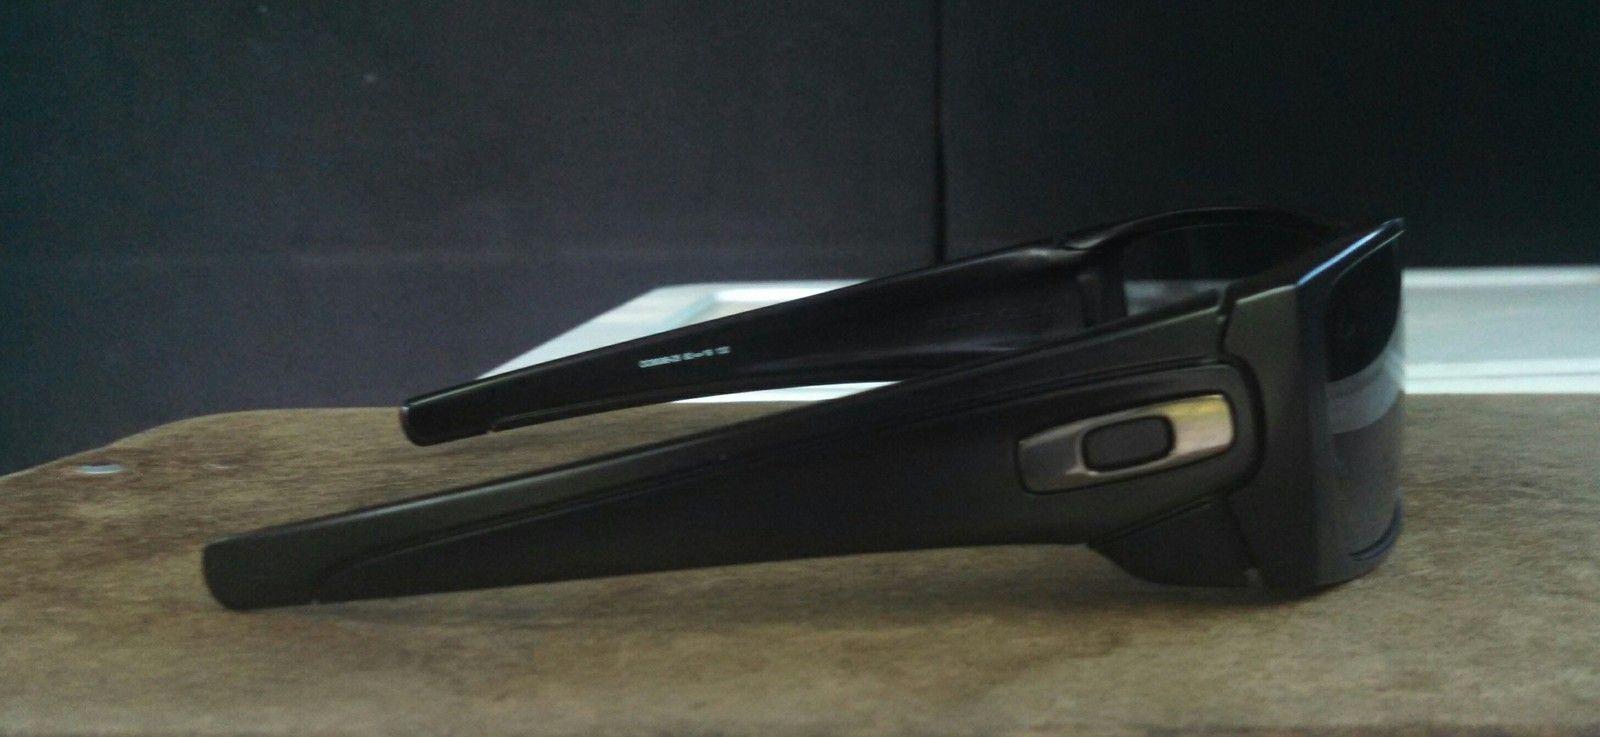 Polarized fuel cell - uploadfromtaptalk1437091732384.jpg